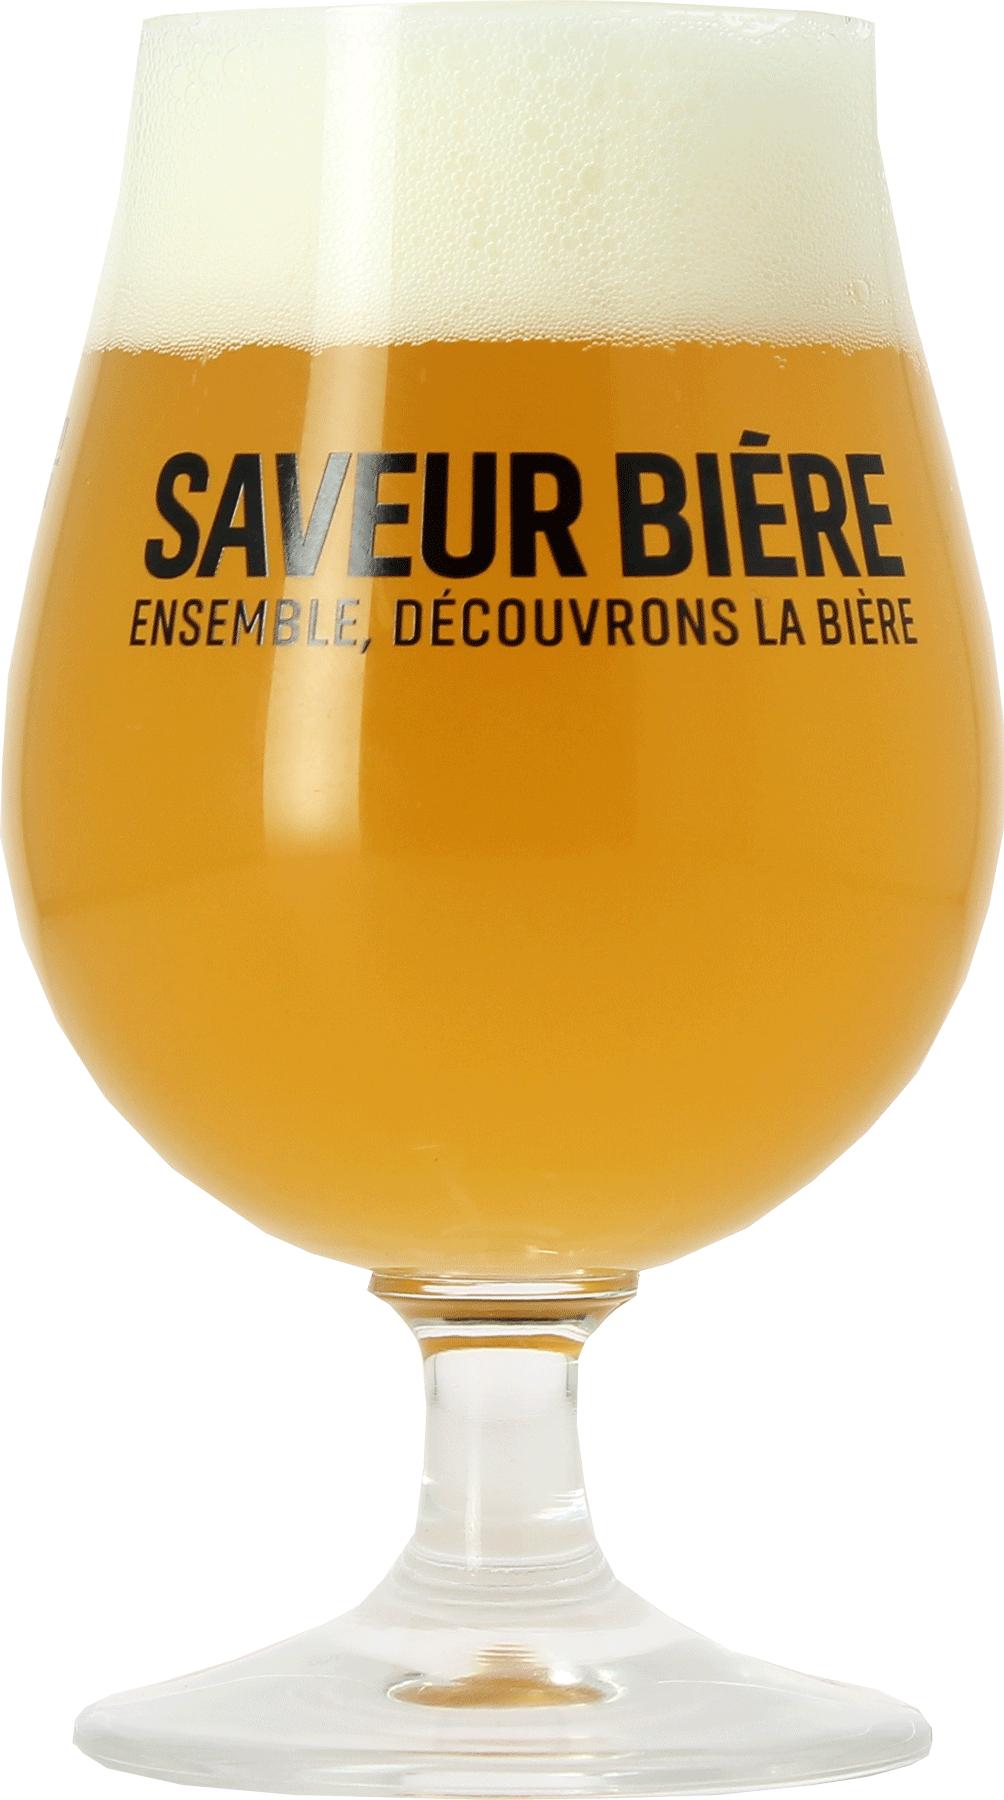 Copa Saveur Bière 33 cL